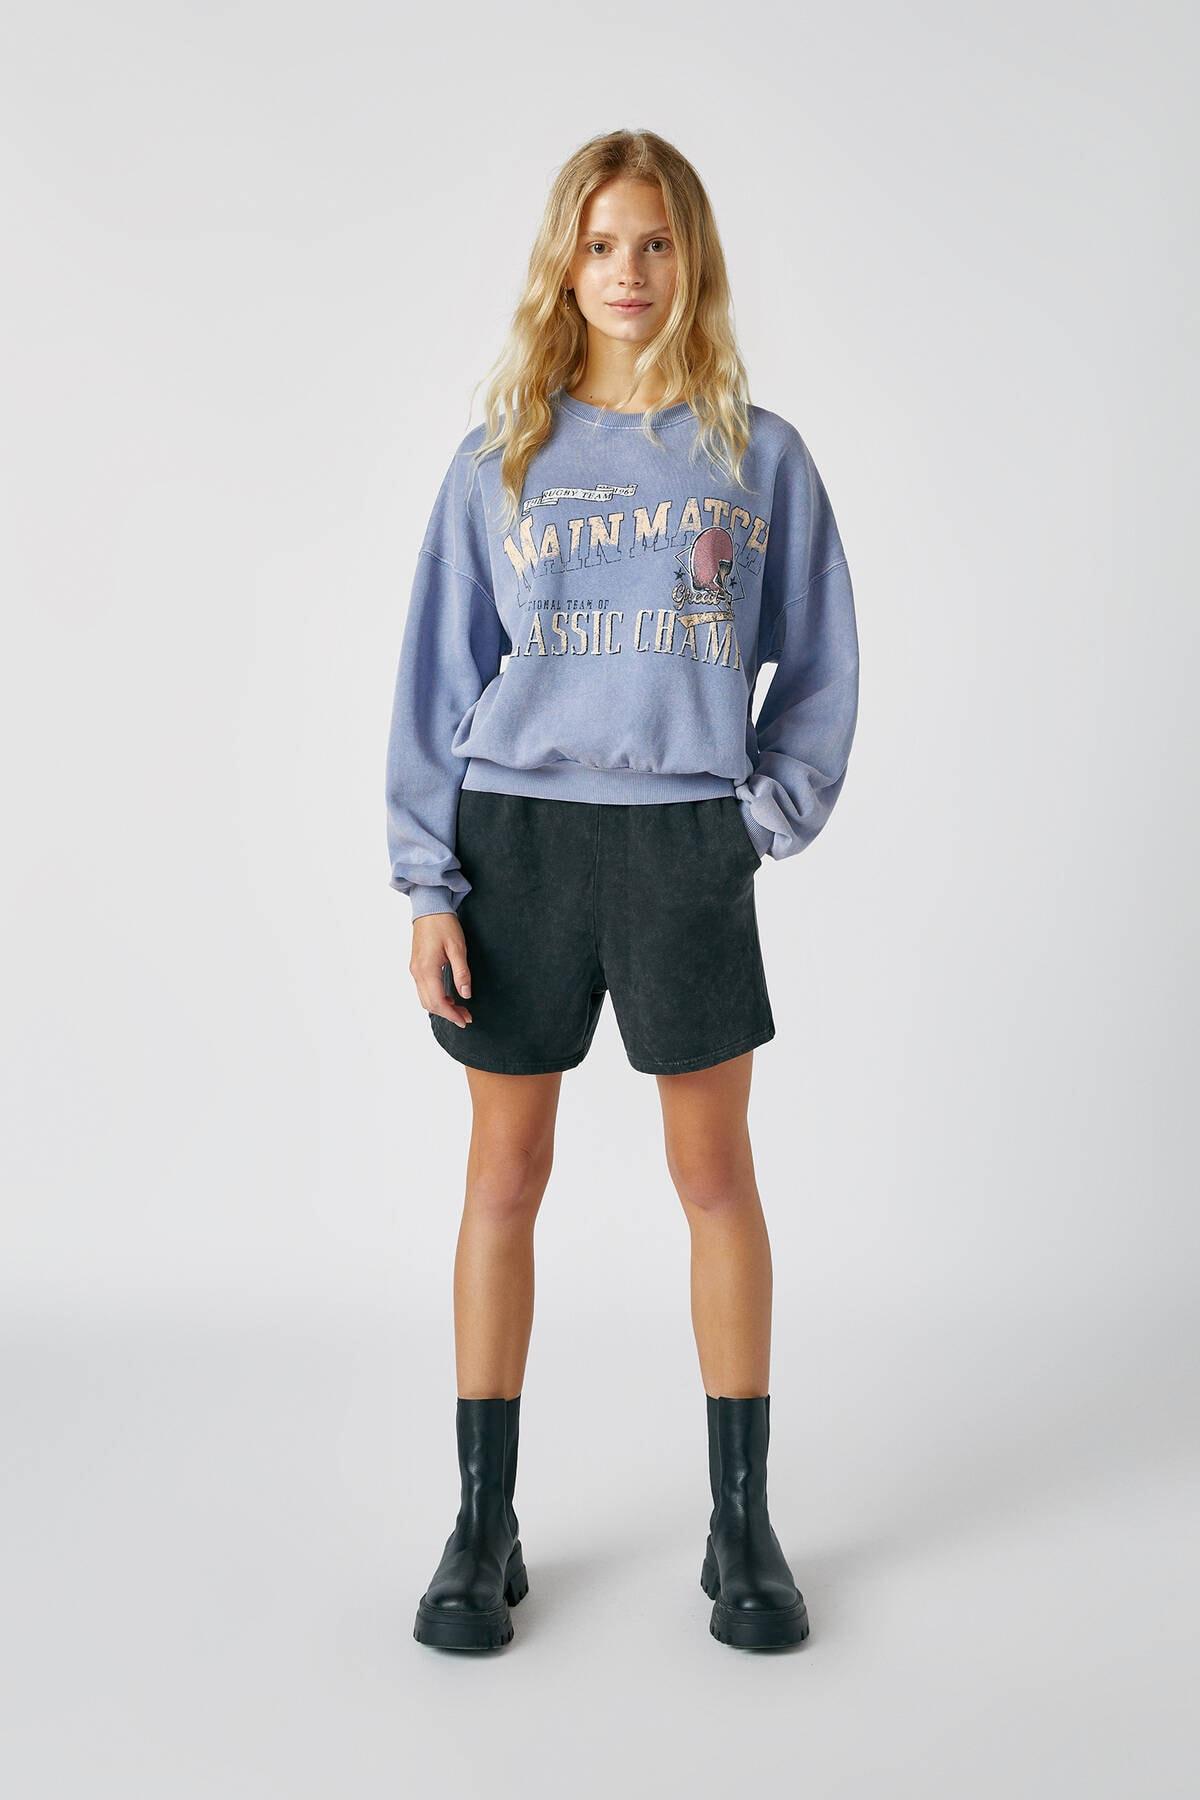 Pull & Bear Kadın Bulut Mavisi Kontrast Sloganlı Sweatshirt 09594307 1